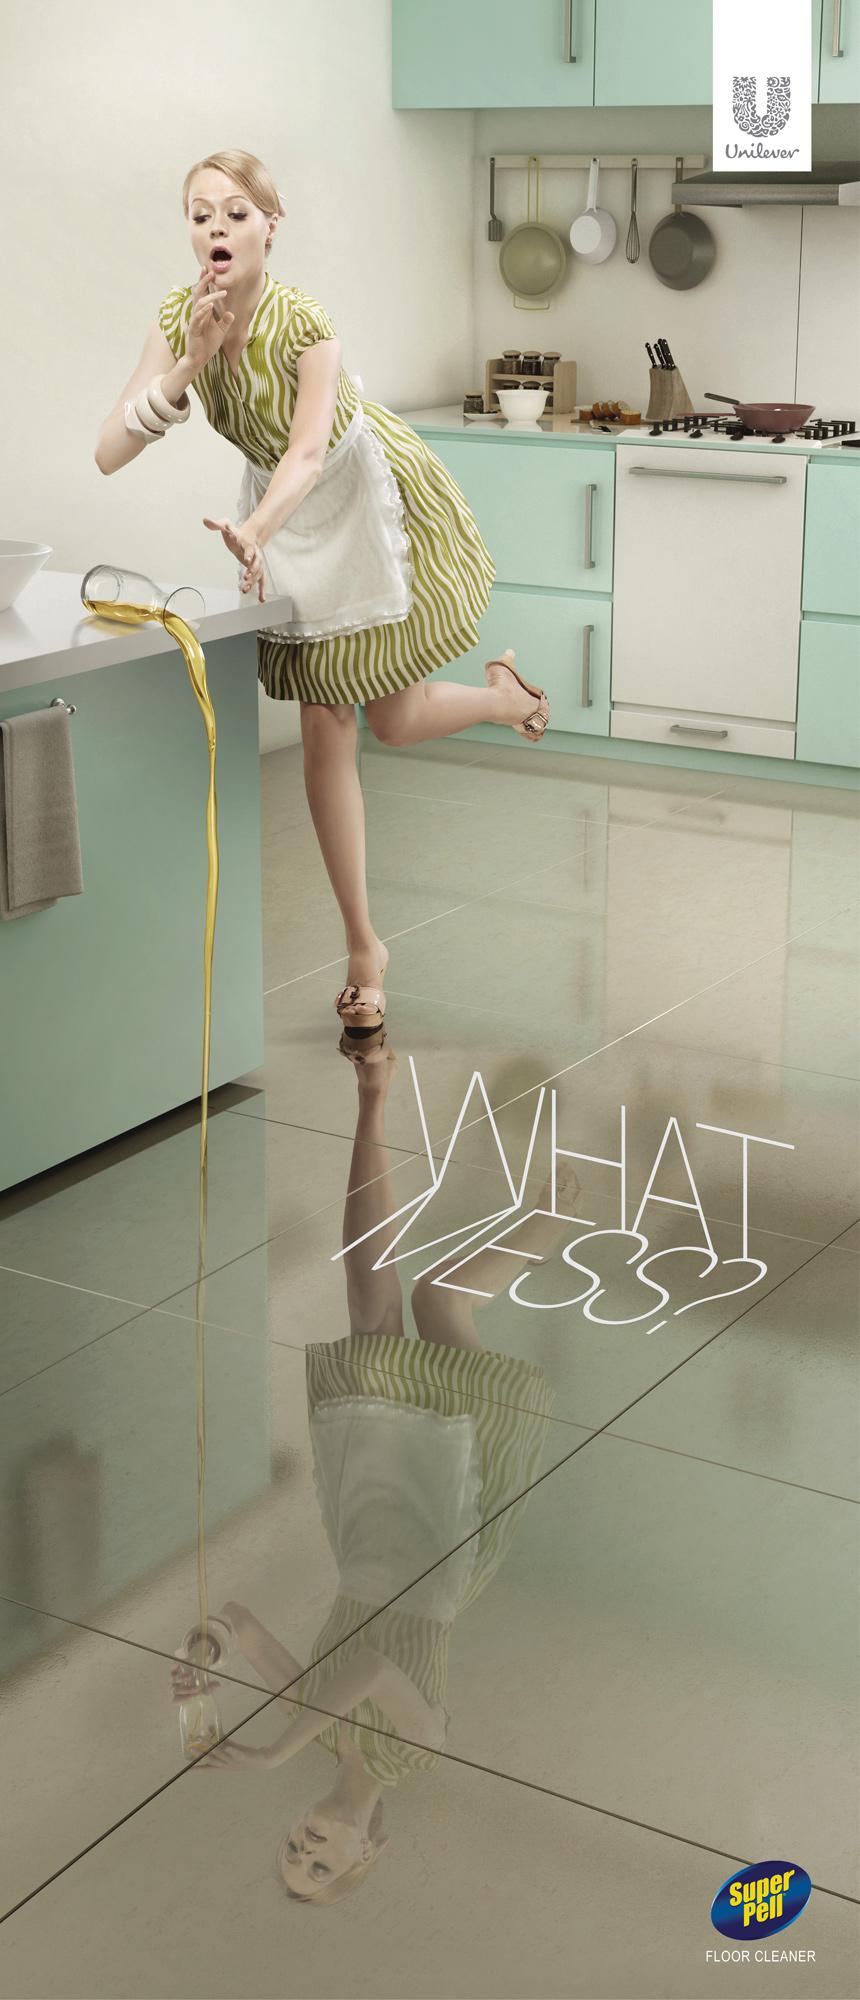 Super_Pell_Floor_Cleaner_3_cotw